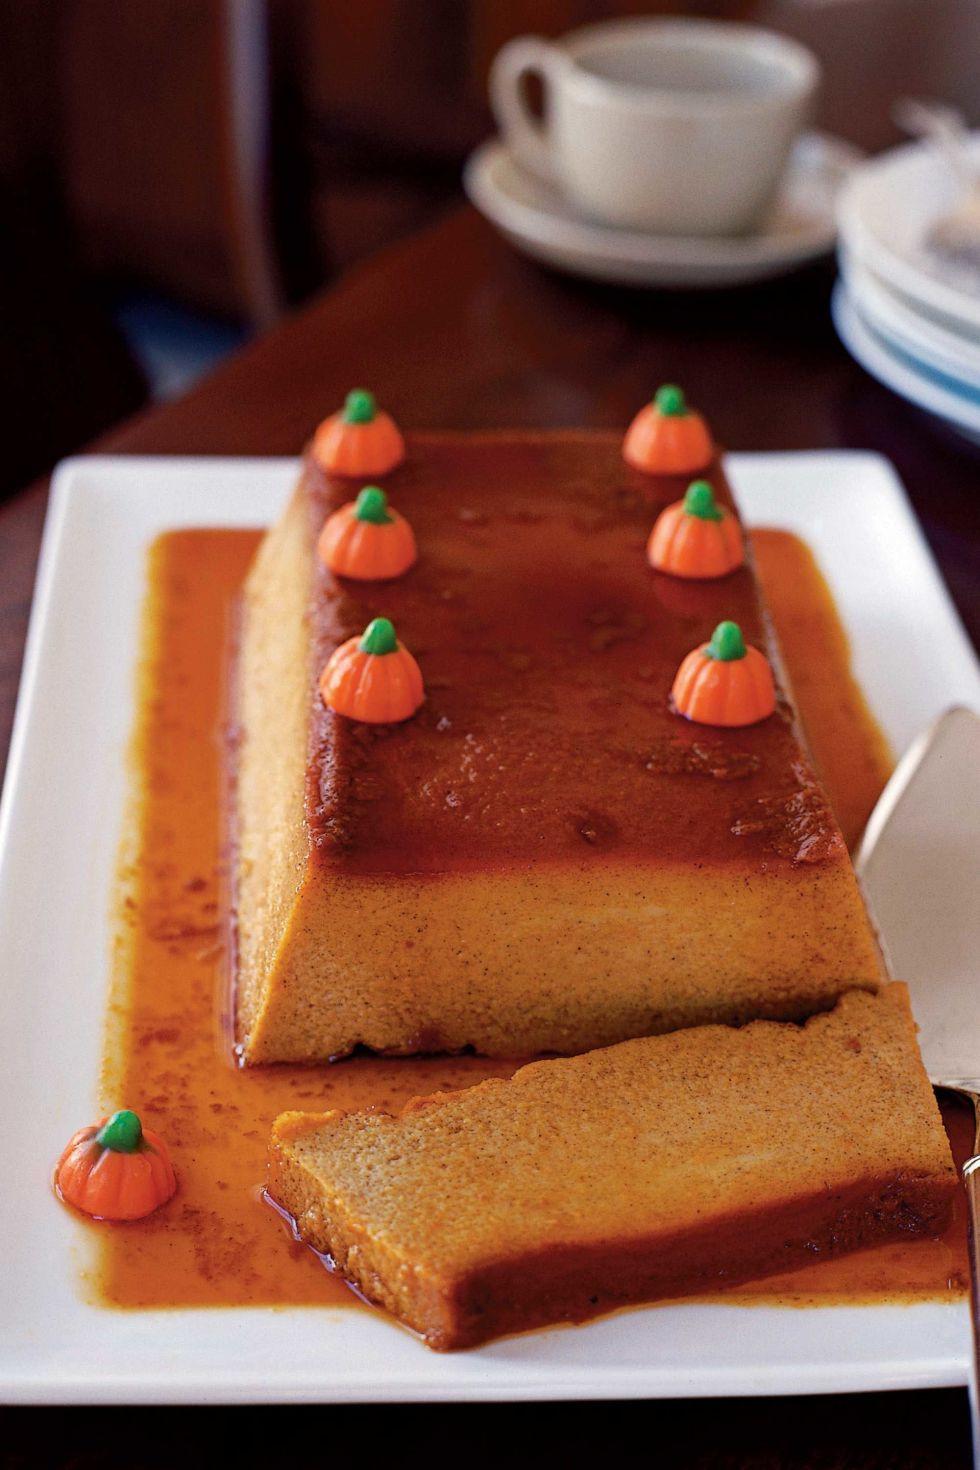 Pumpkin Dessert Recipes Easy  pumpkin dessert recipes